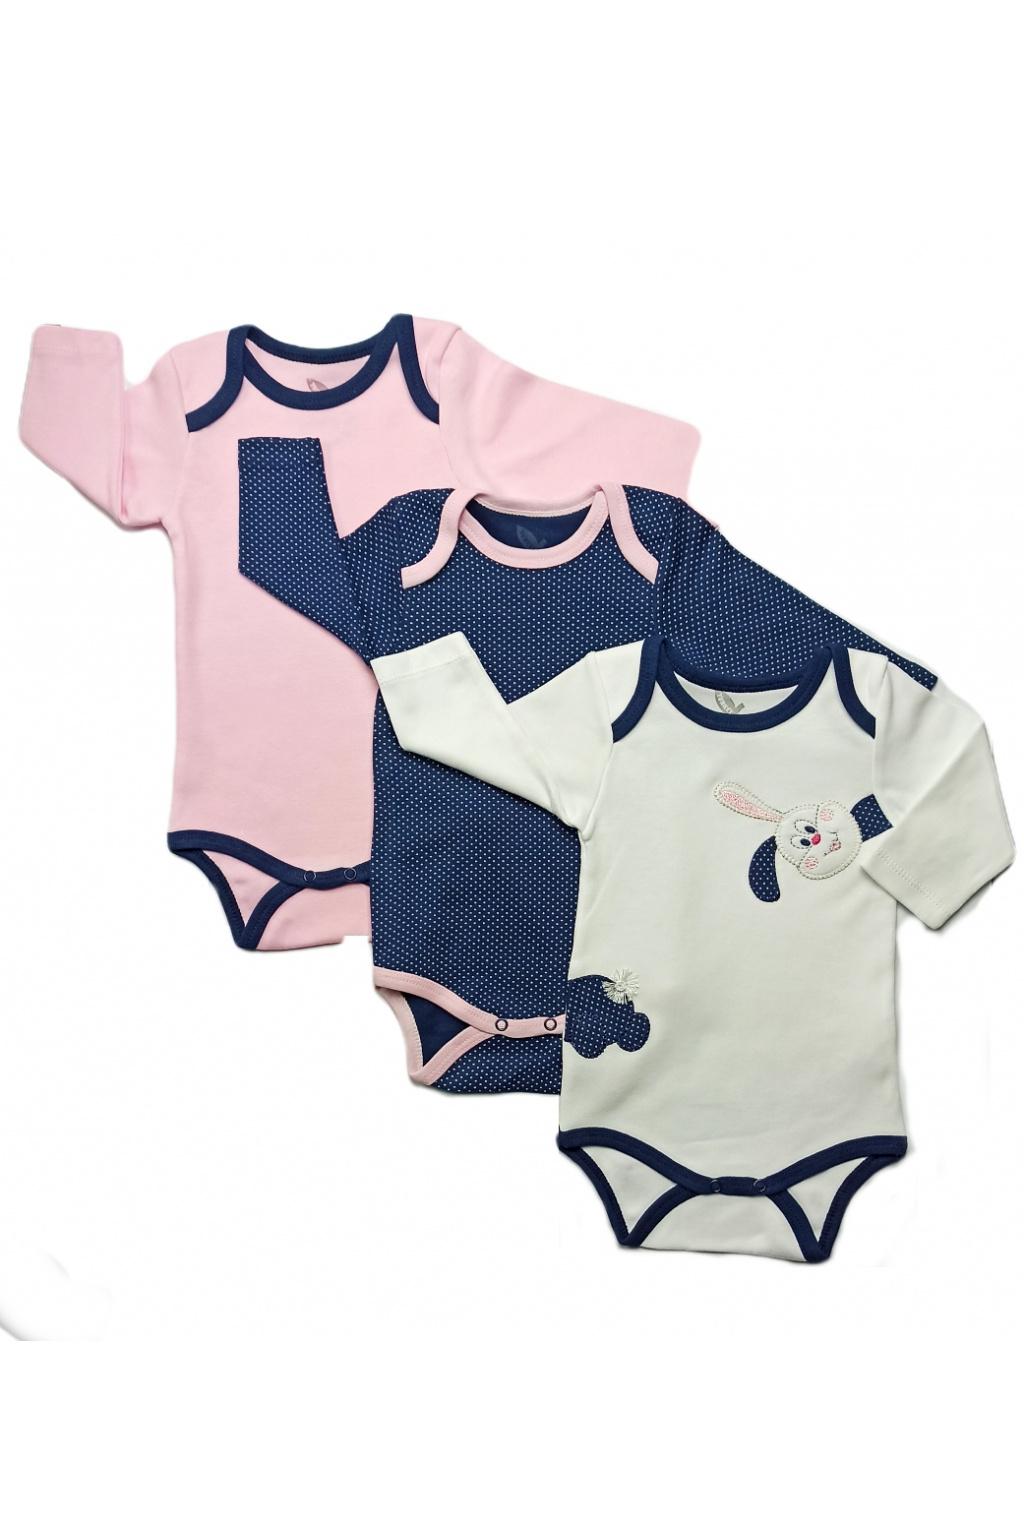 kojeneckédívčí body v růžové, bílé a modré barvě